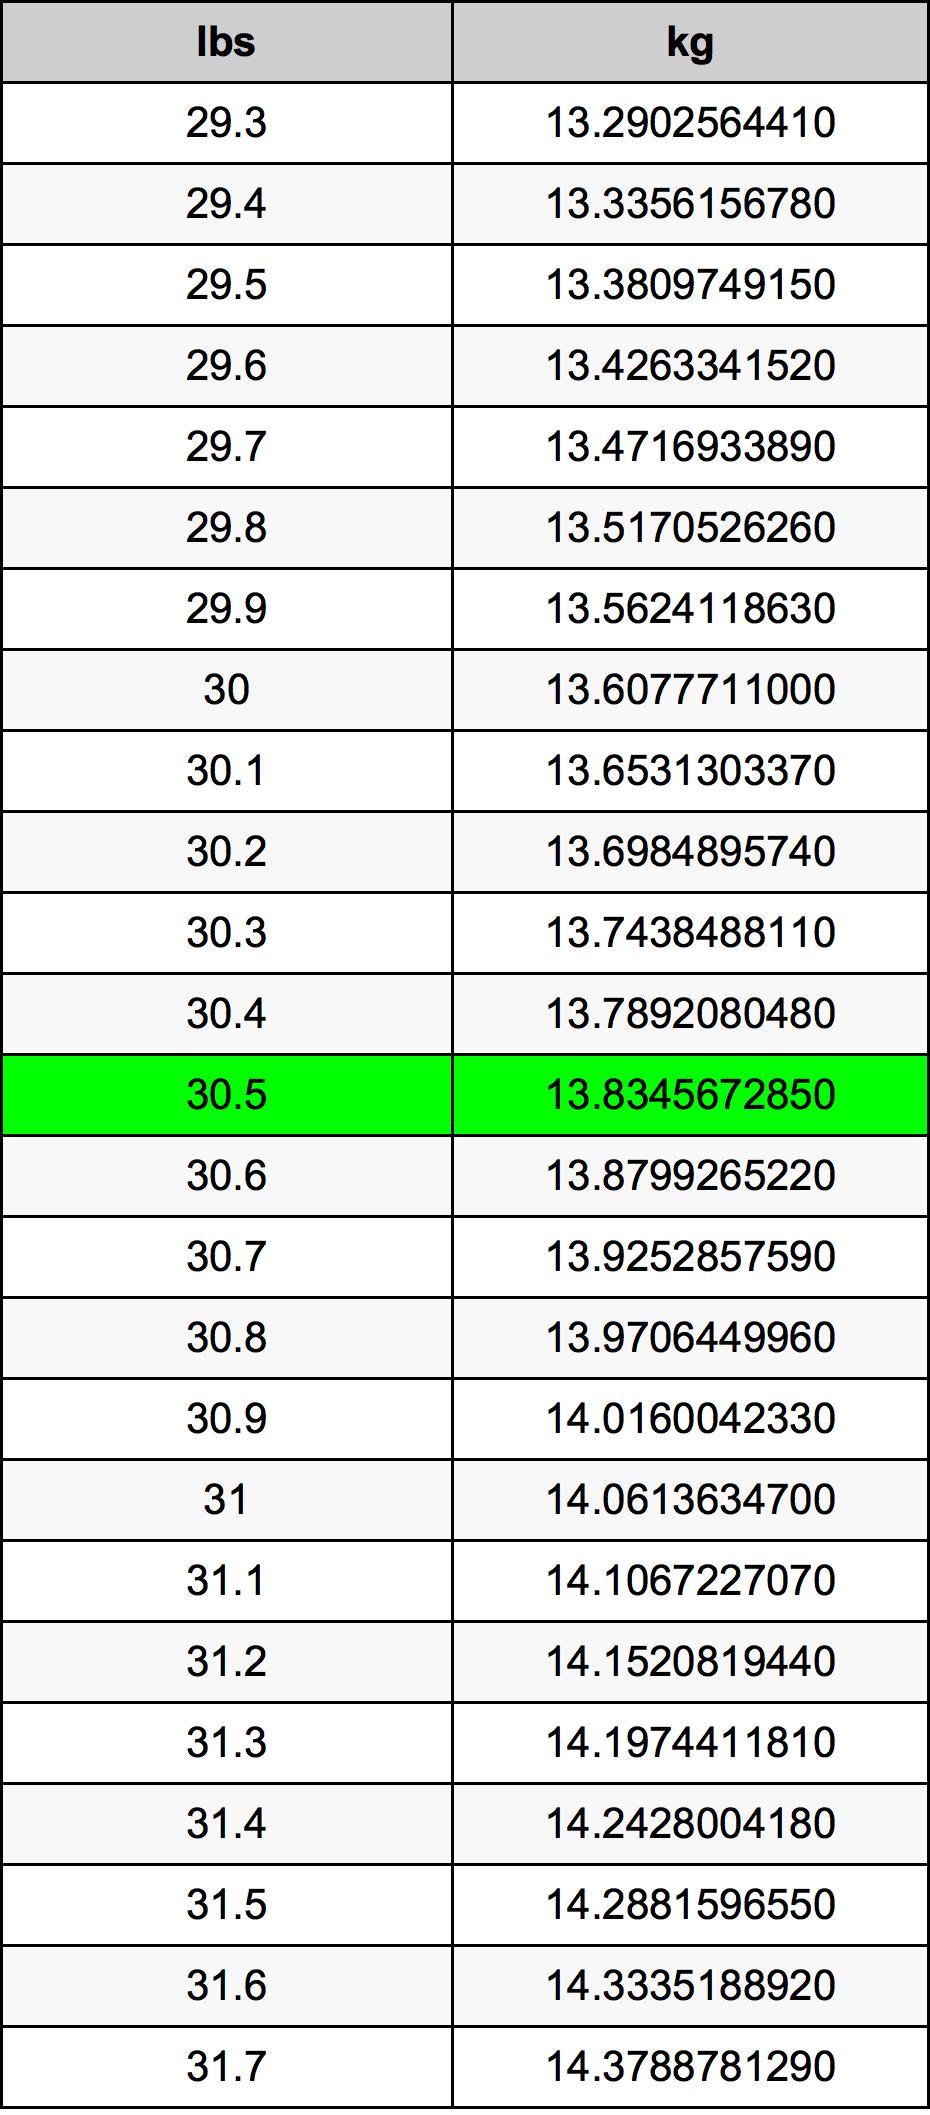 30.5 livră tabelul de conversie